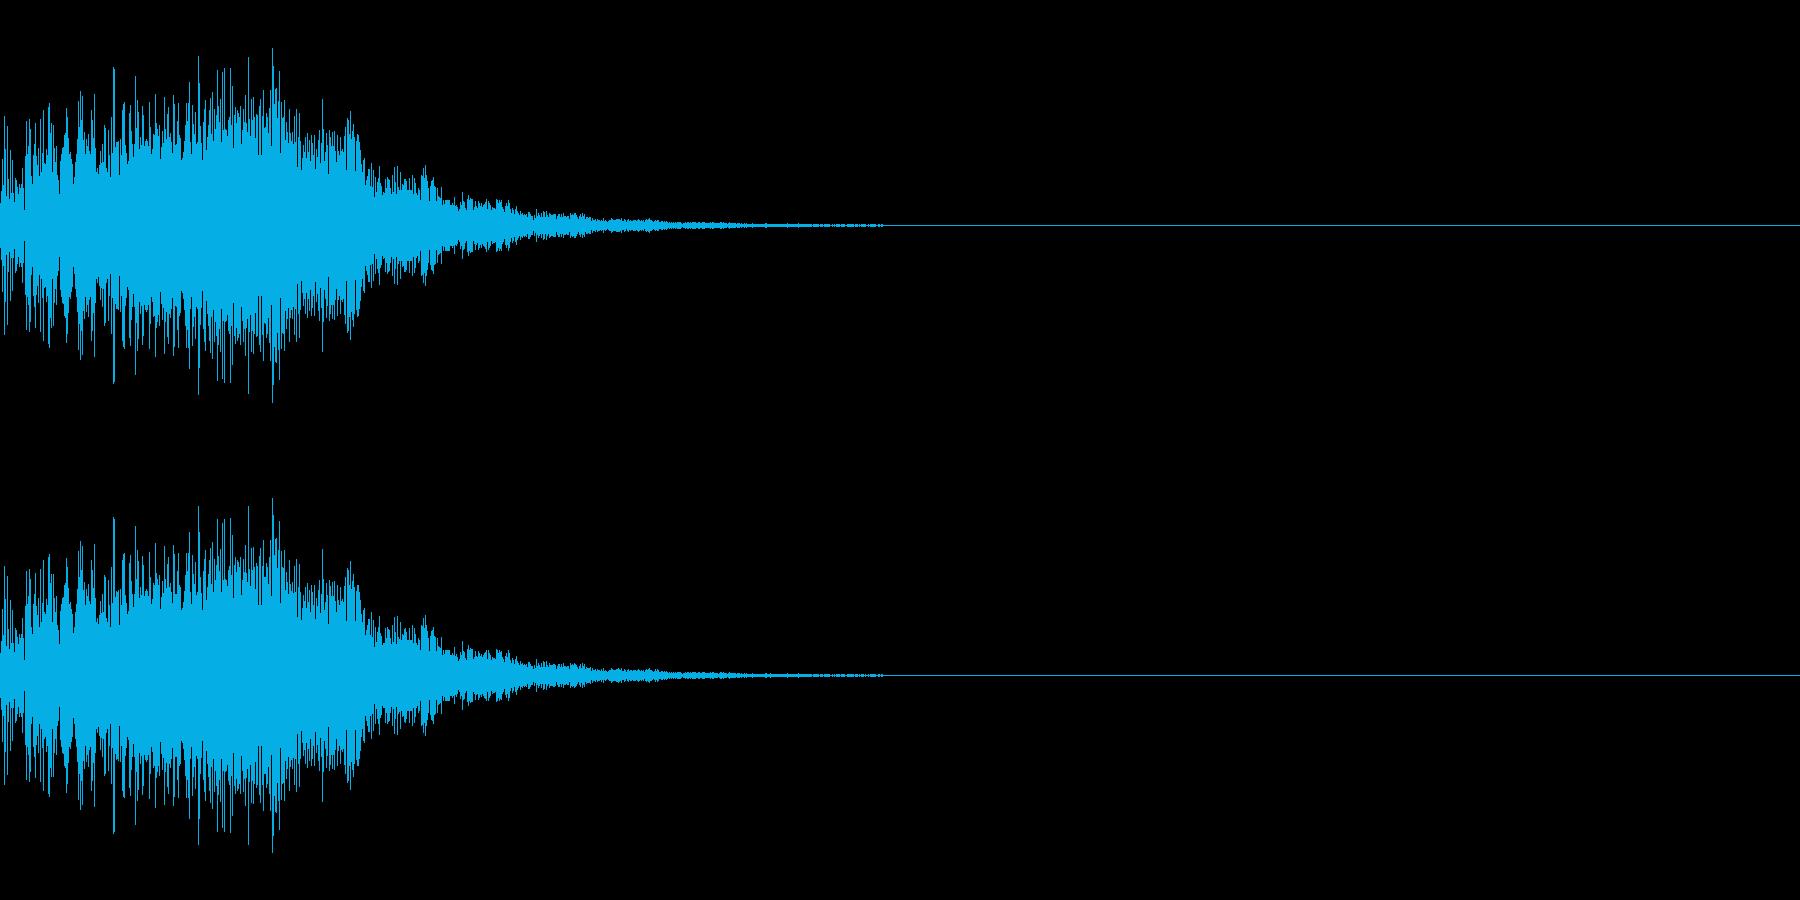 パワーアップ/ワープ/スピードアップの再生済みの波形